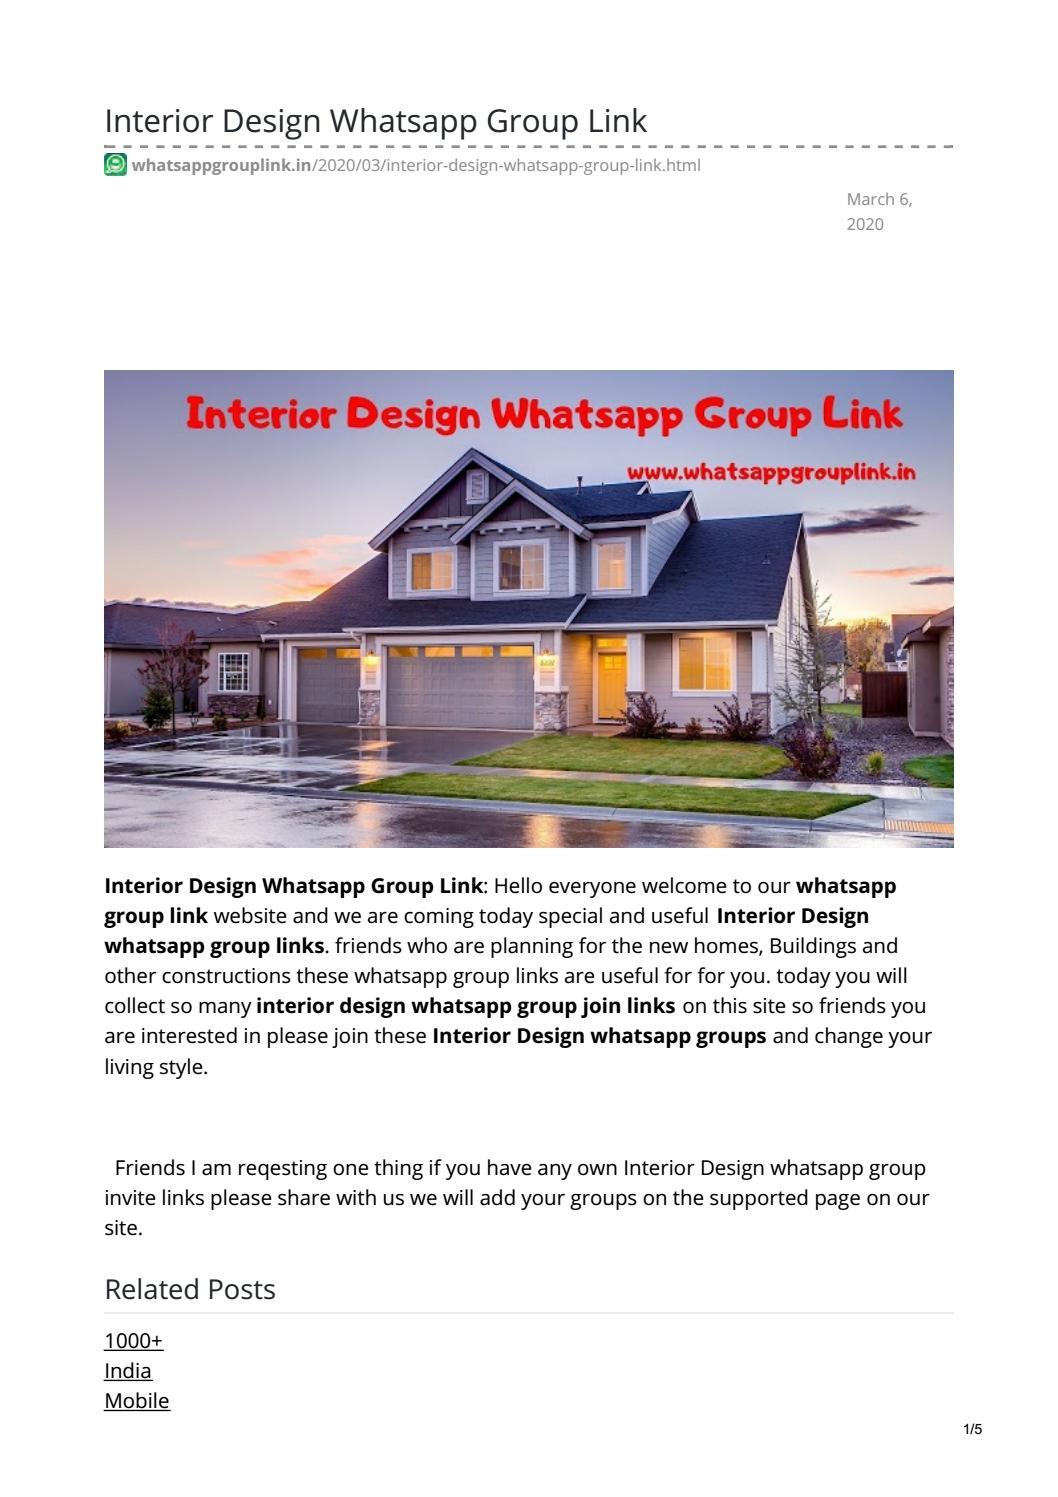 Interior Design Whatsapp Group Link By Radhakrishnasruthan7 Issuu